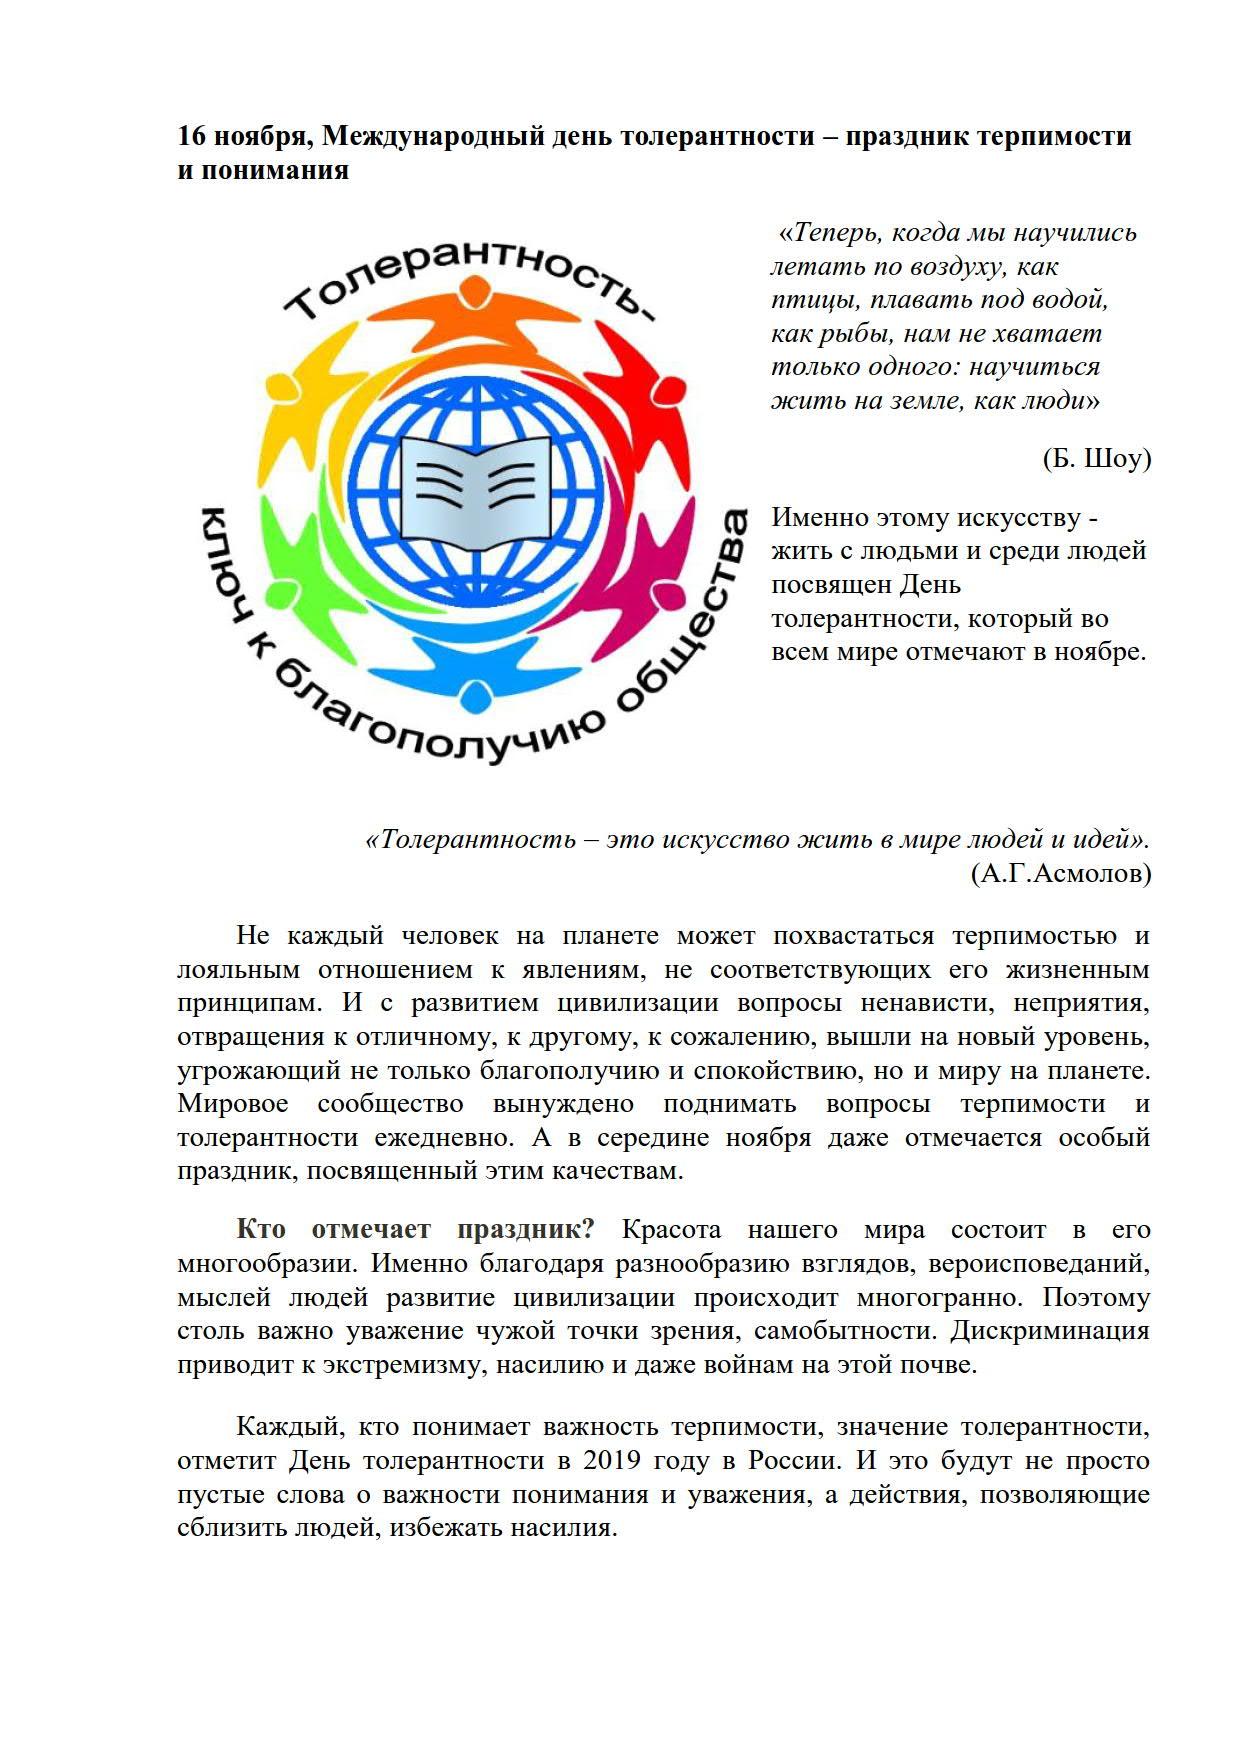 16 ноября день толерантности_1